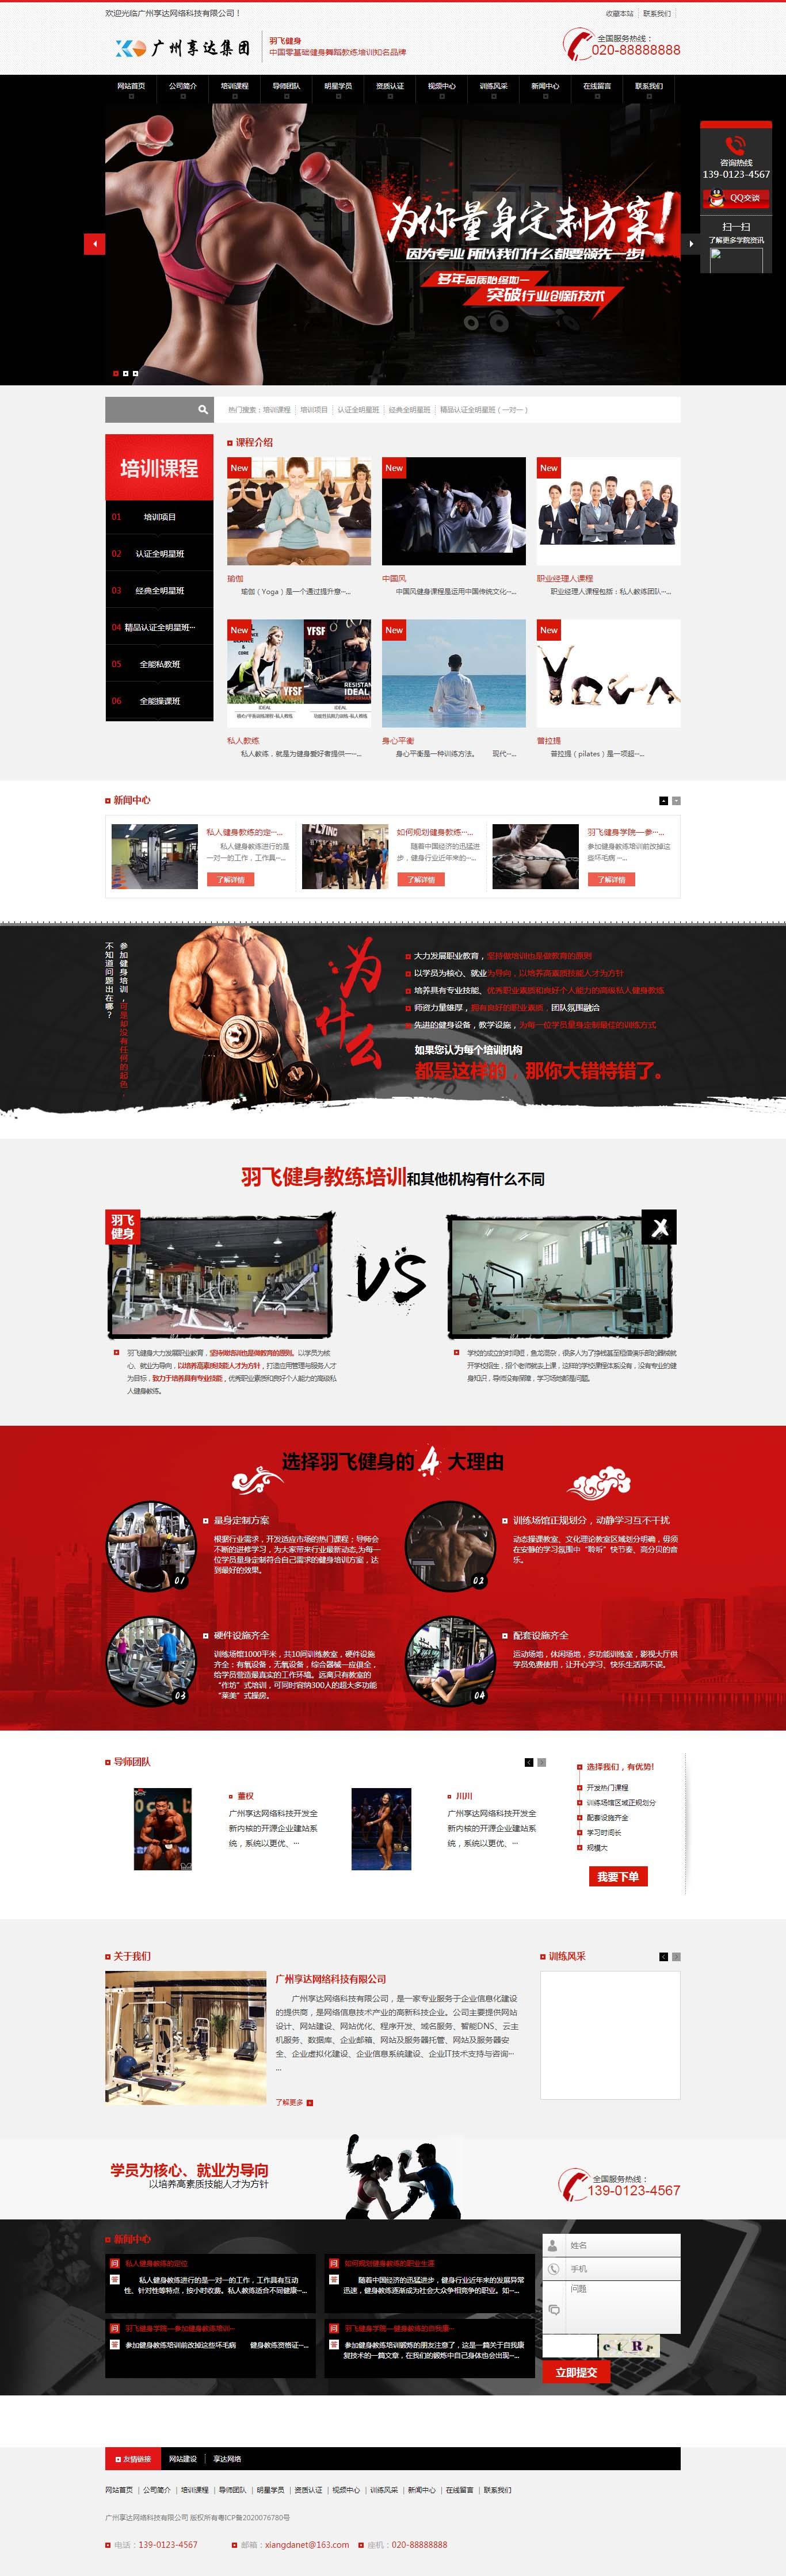 广州企业网站建设 | 980元设计制作健身俱乐部网站